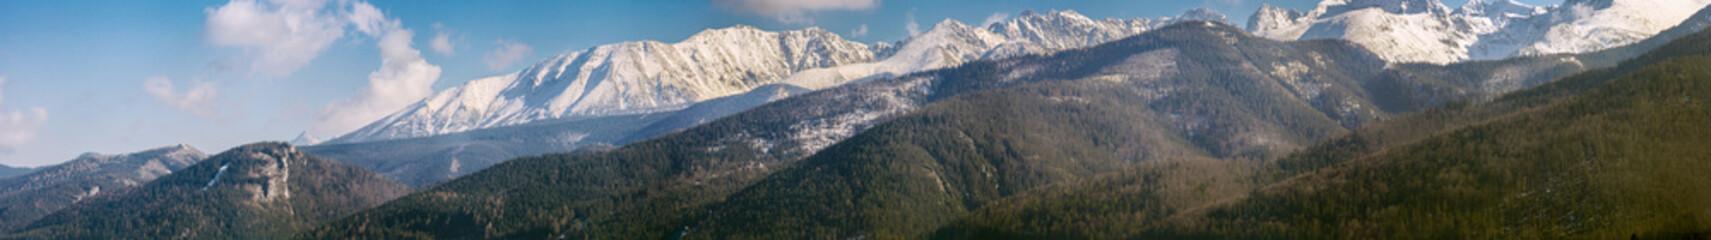 Tatra mountain panaromaic landscape